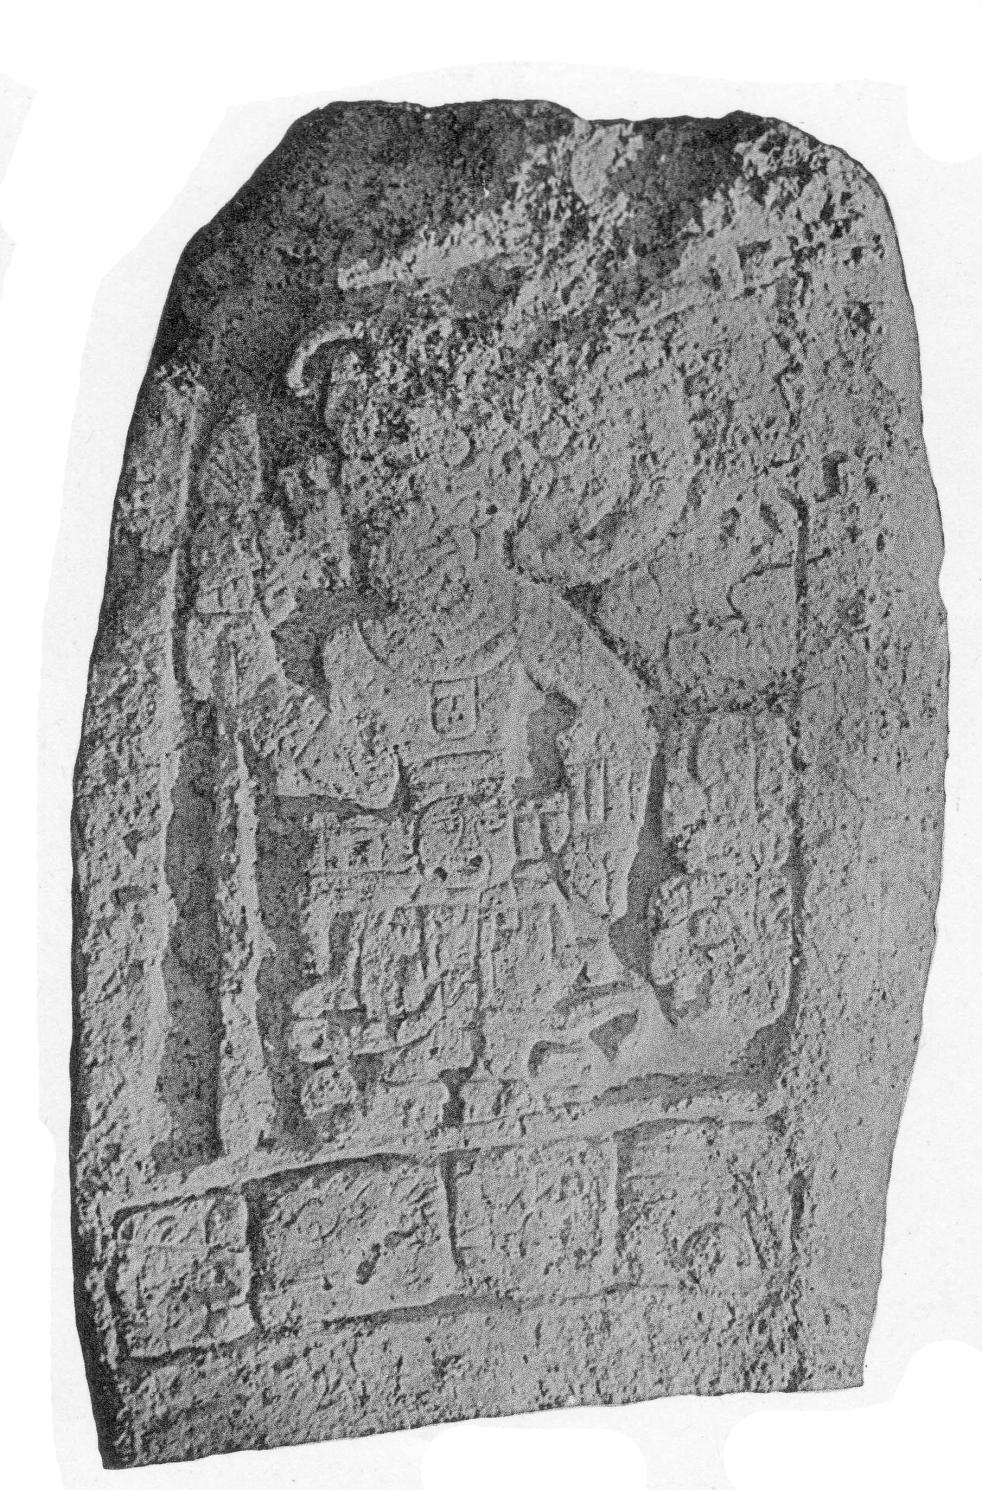 Calakmul Stela 50.png